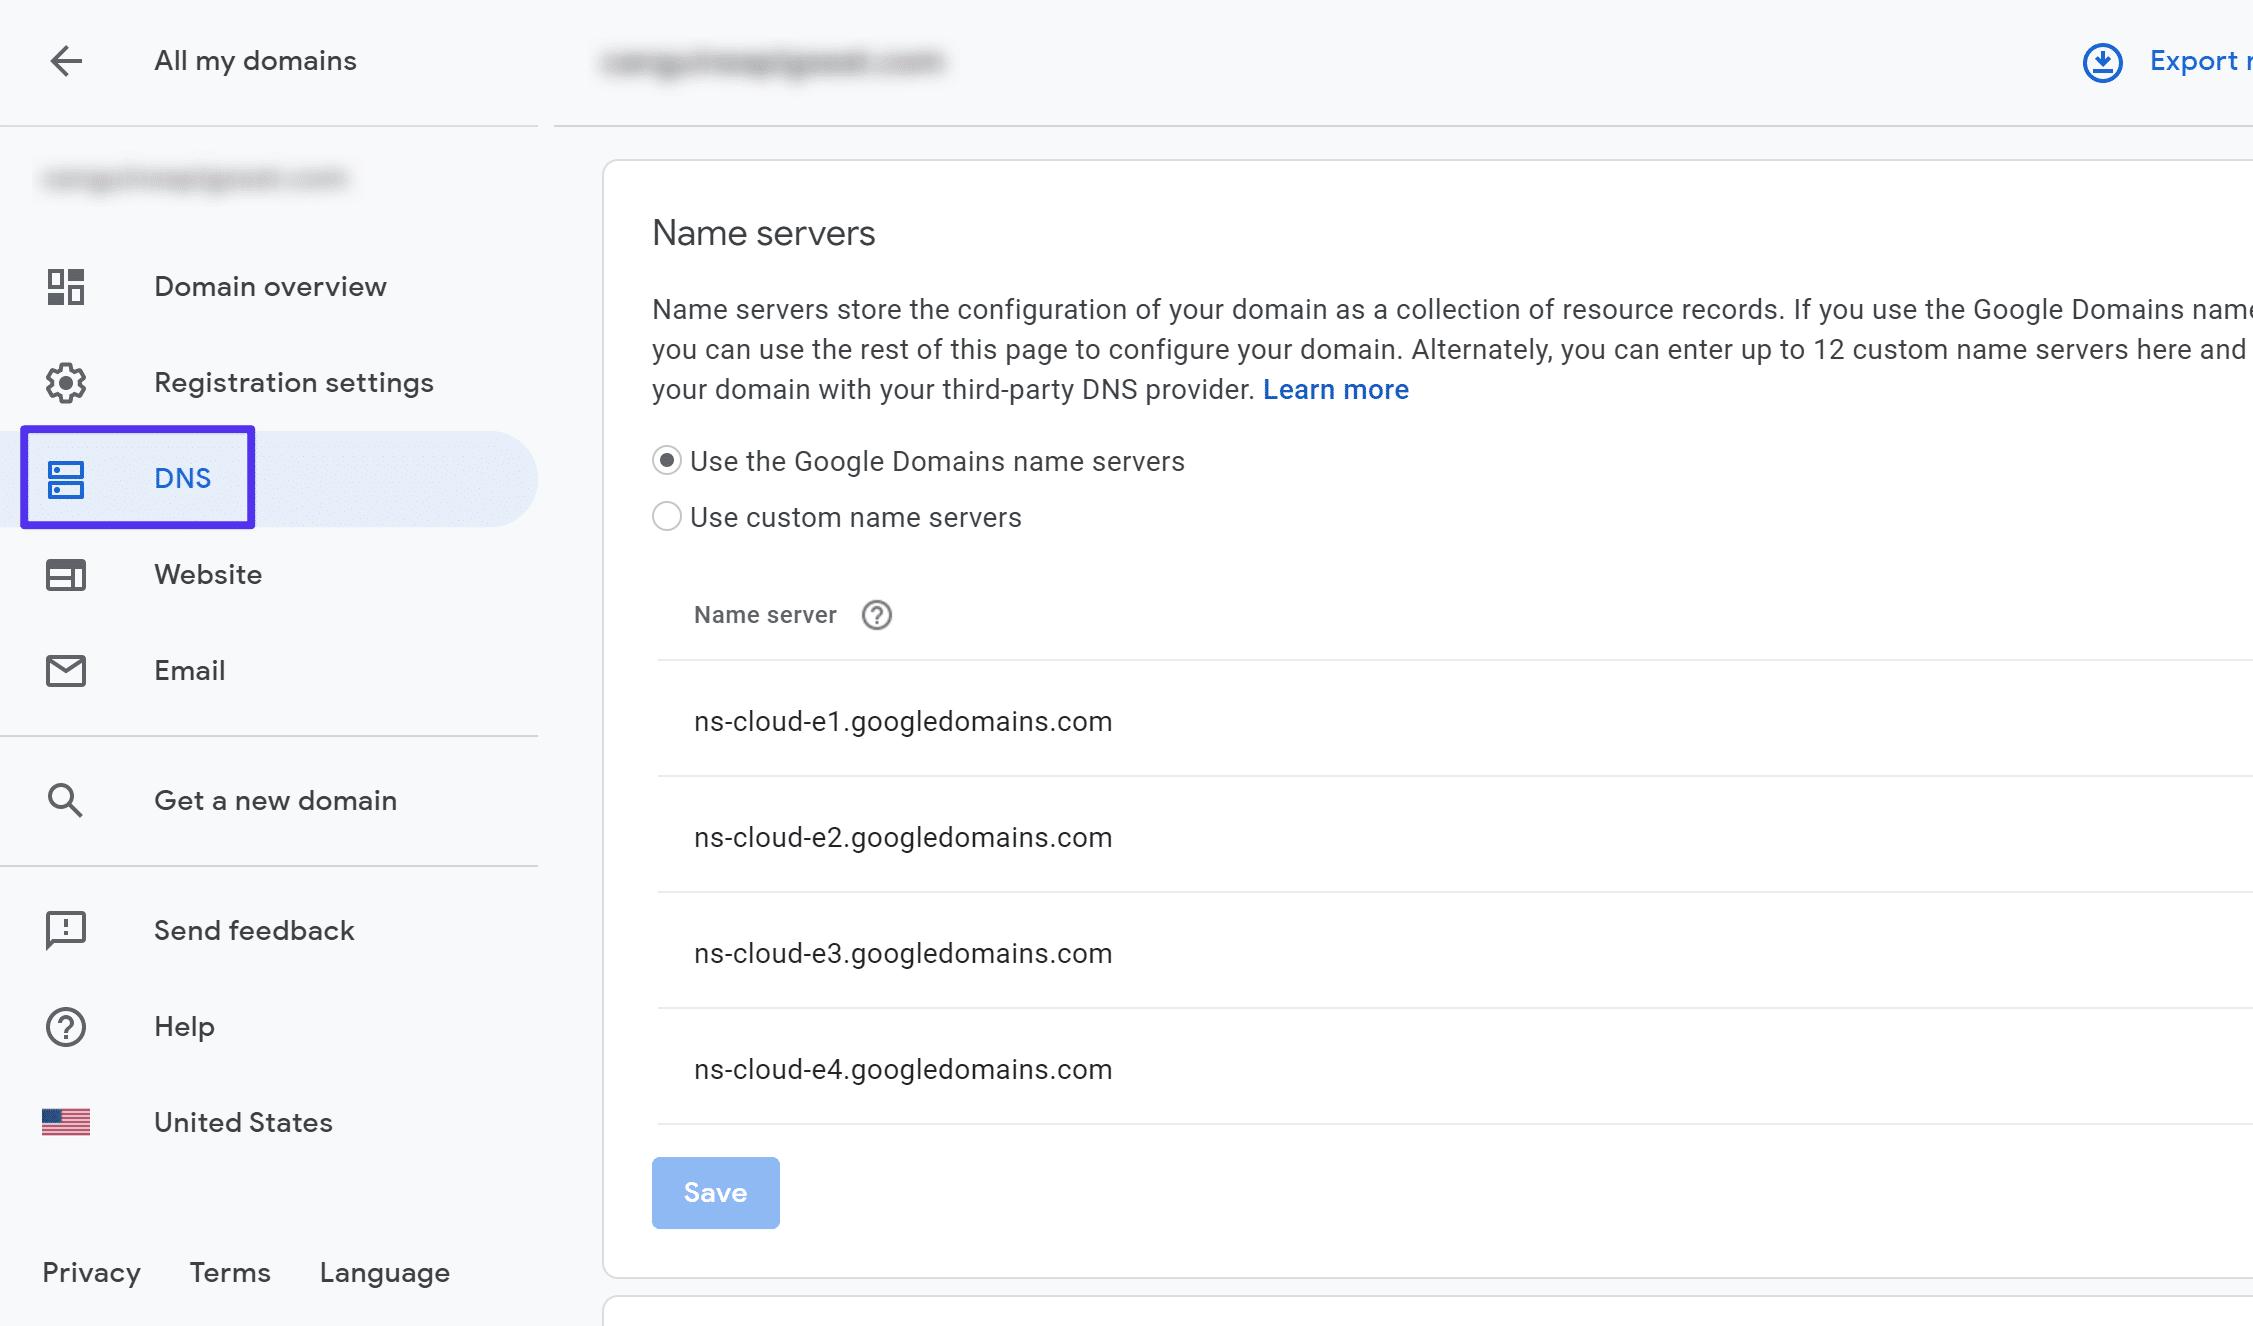 Como editar os servidores de nomes de domínios do Google